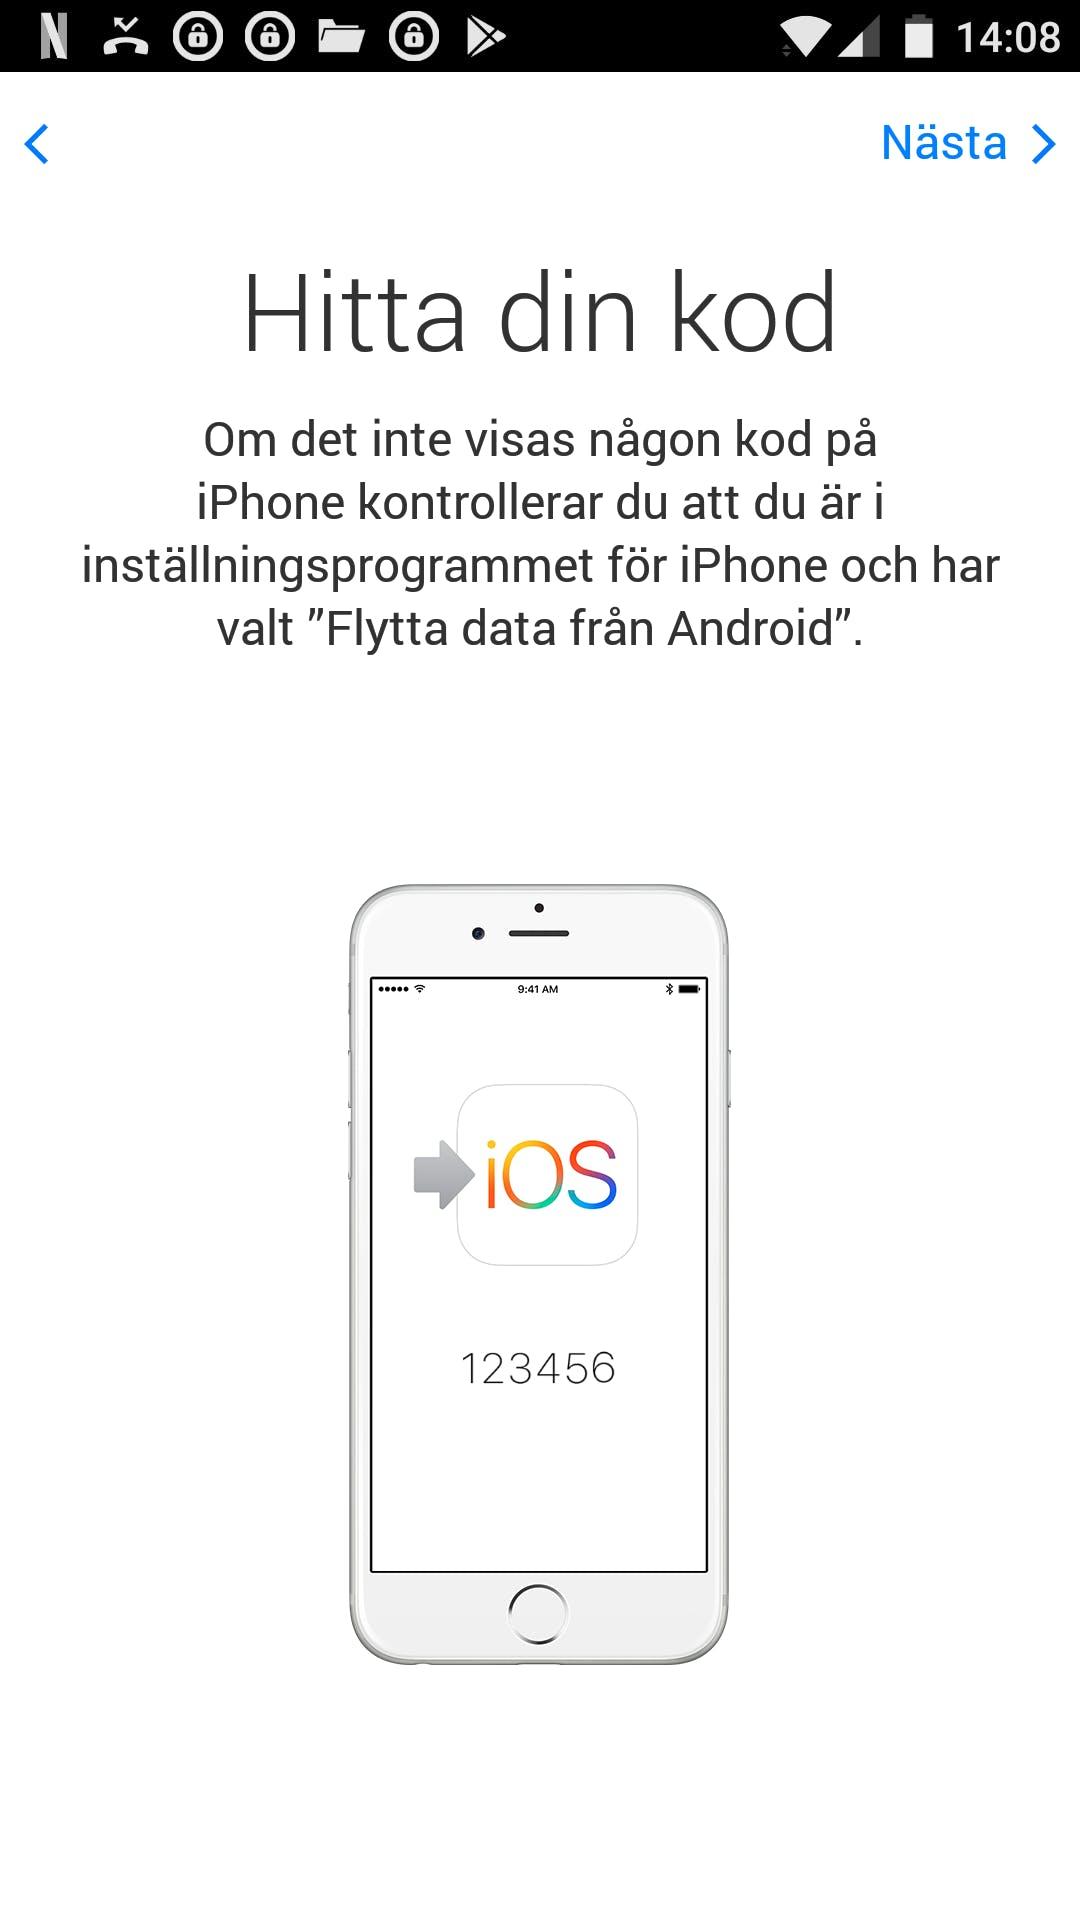 byta pin kod iphone 5